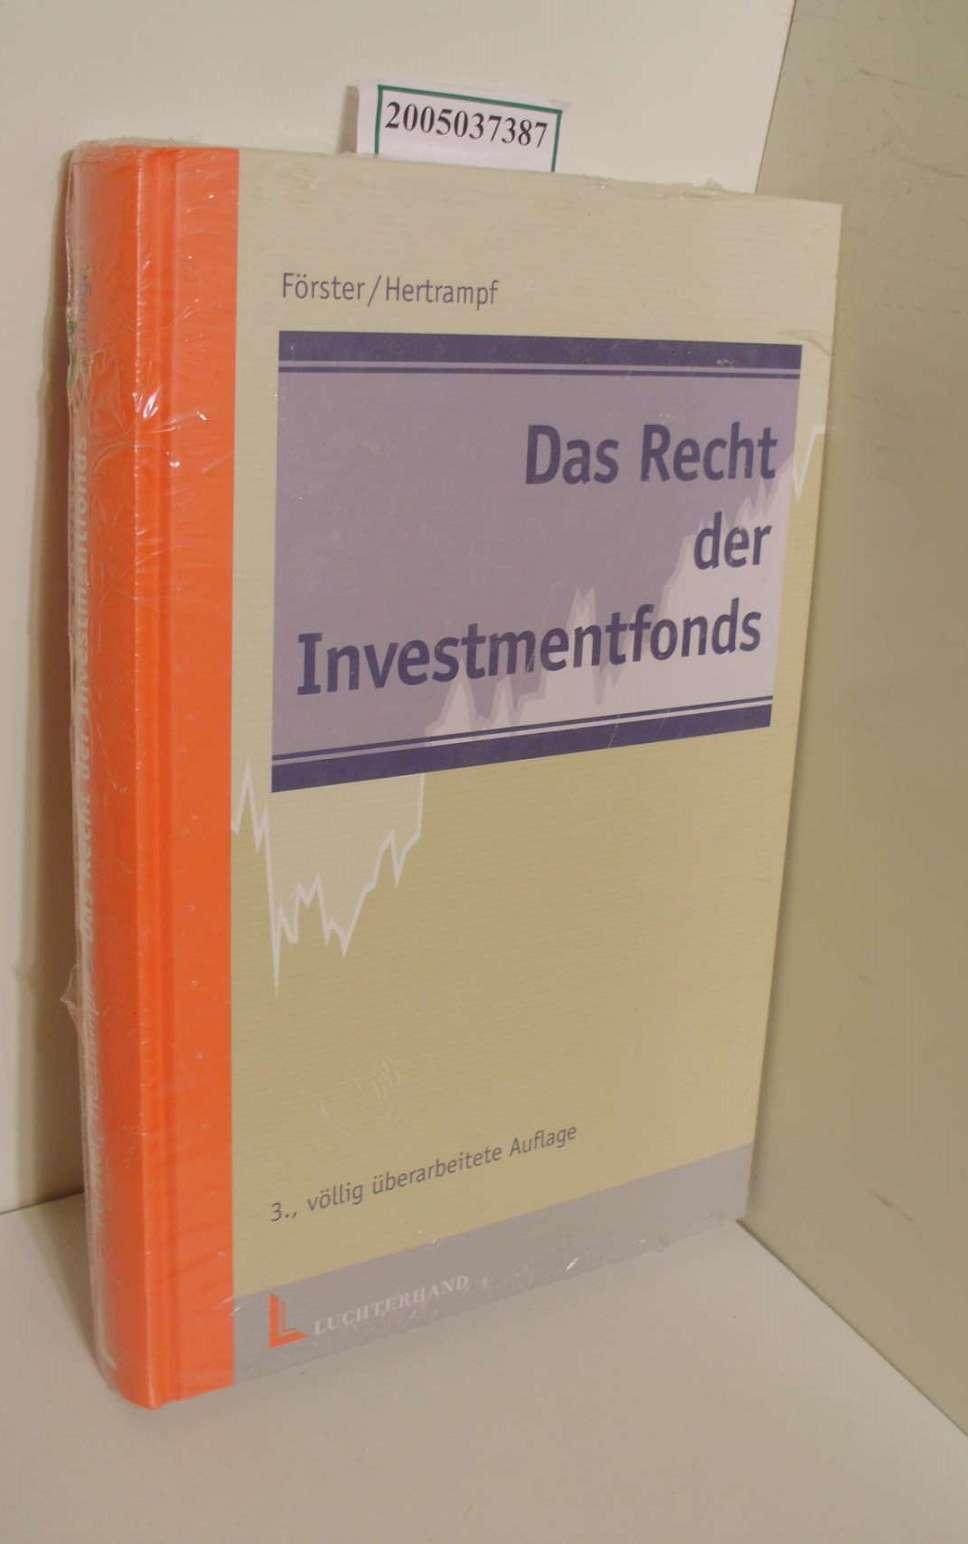 Das Recht der Investmentfonds : europarechtlicher Rahmen und nationale Gesetzgebung / von Wolfgang Förster und Urte Hertrampf 3., völlig überarb. Aufl.